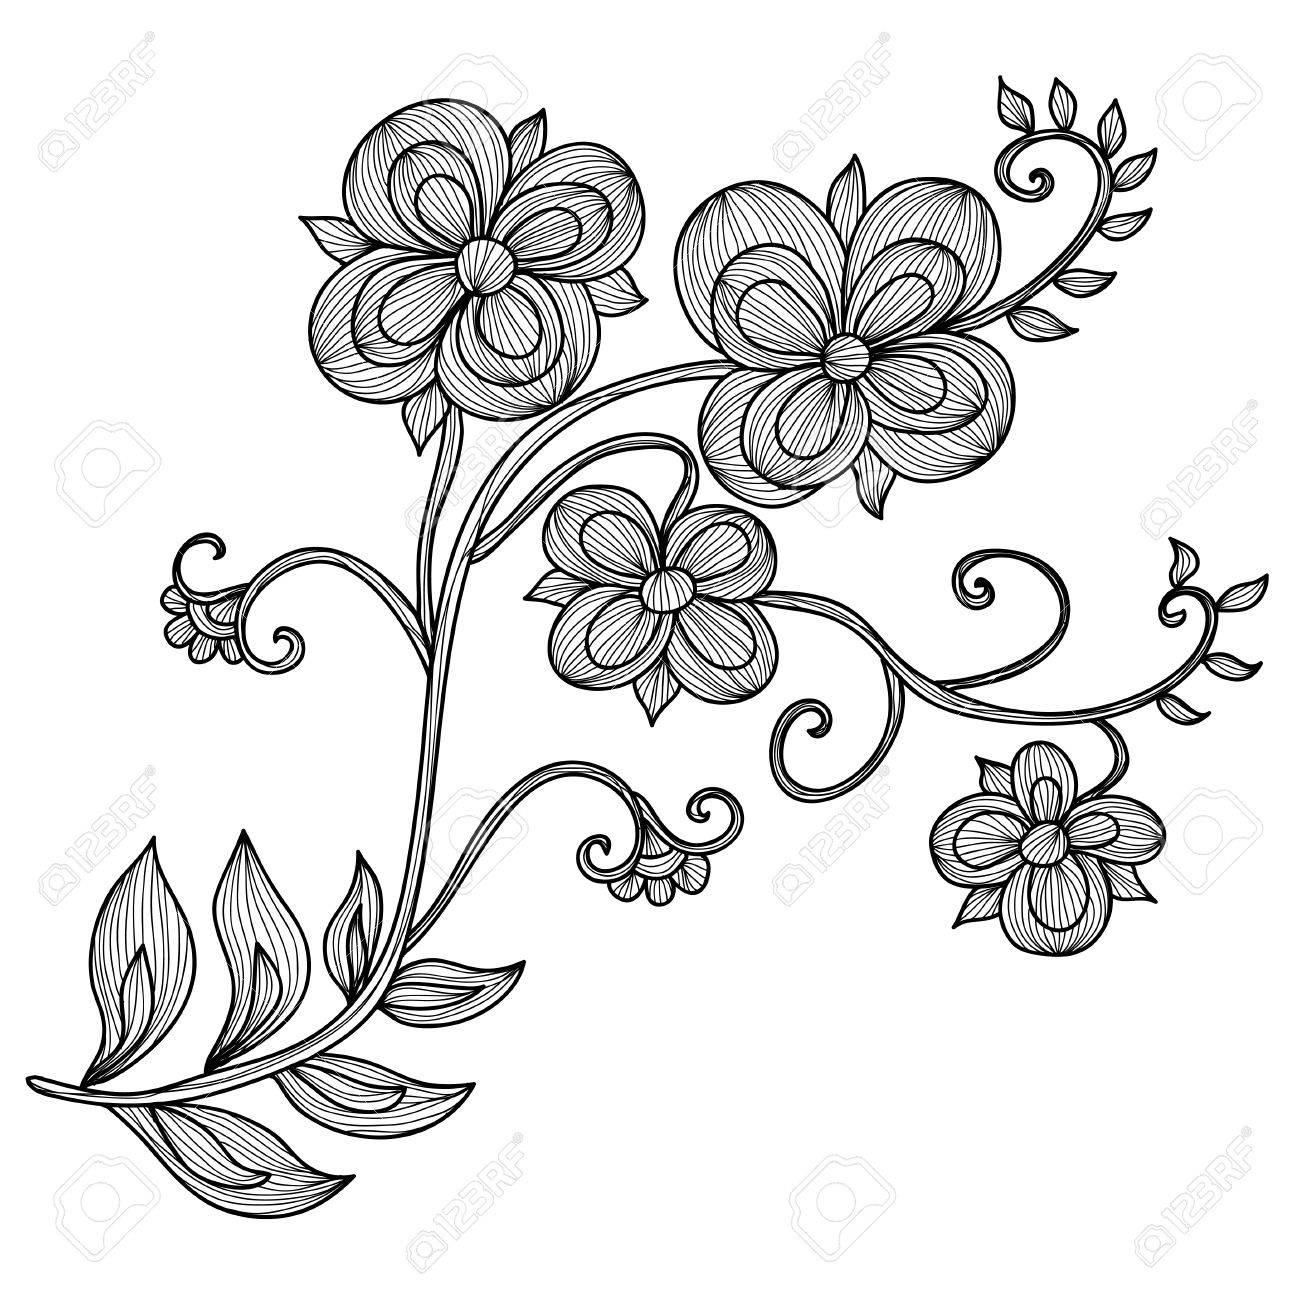 Elegant decorative flowers design element floral branch floral elegant decorative flowers design element floral branch floral decoration for vintage wedding invitations junglespirit Images